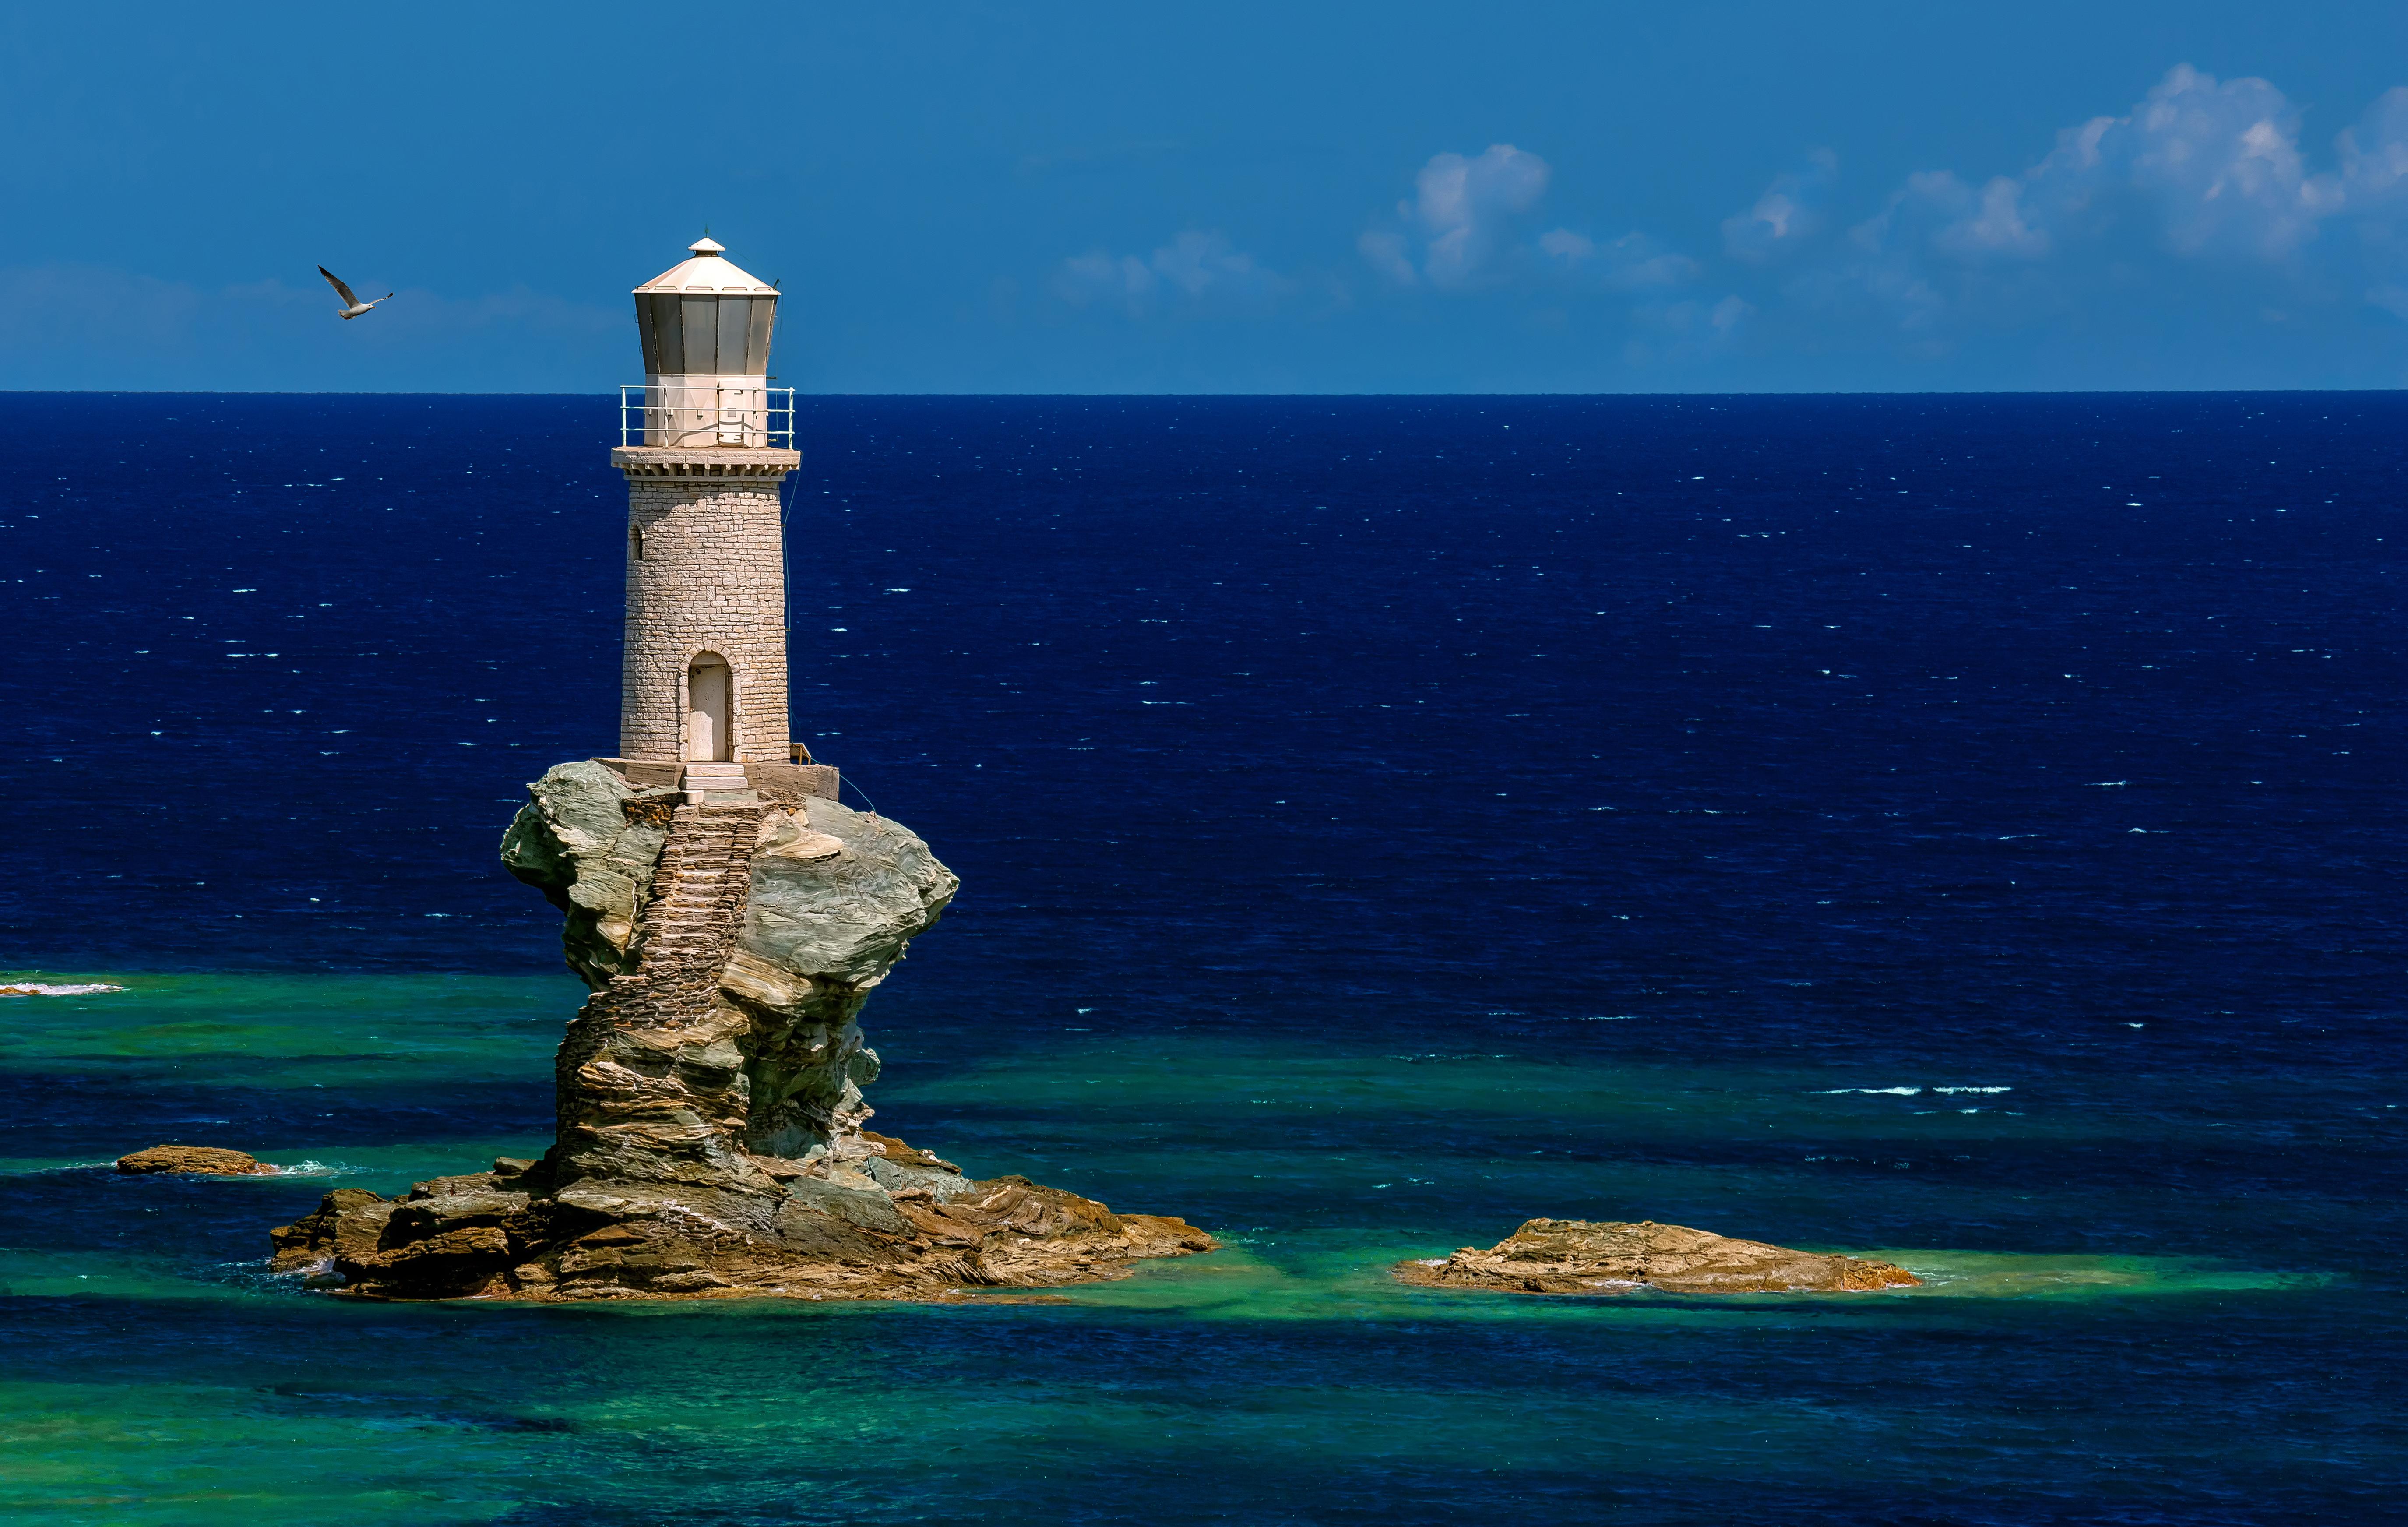 картинки маяк на острове ясновидение